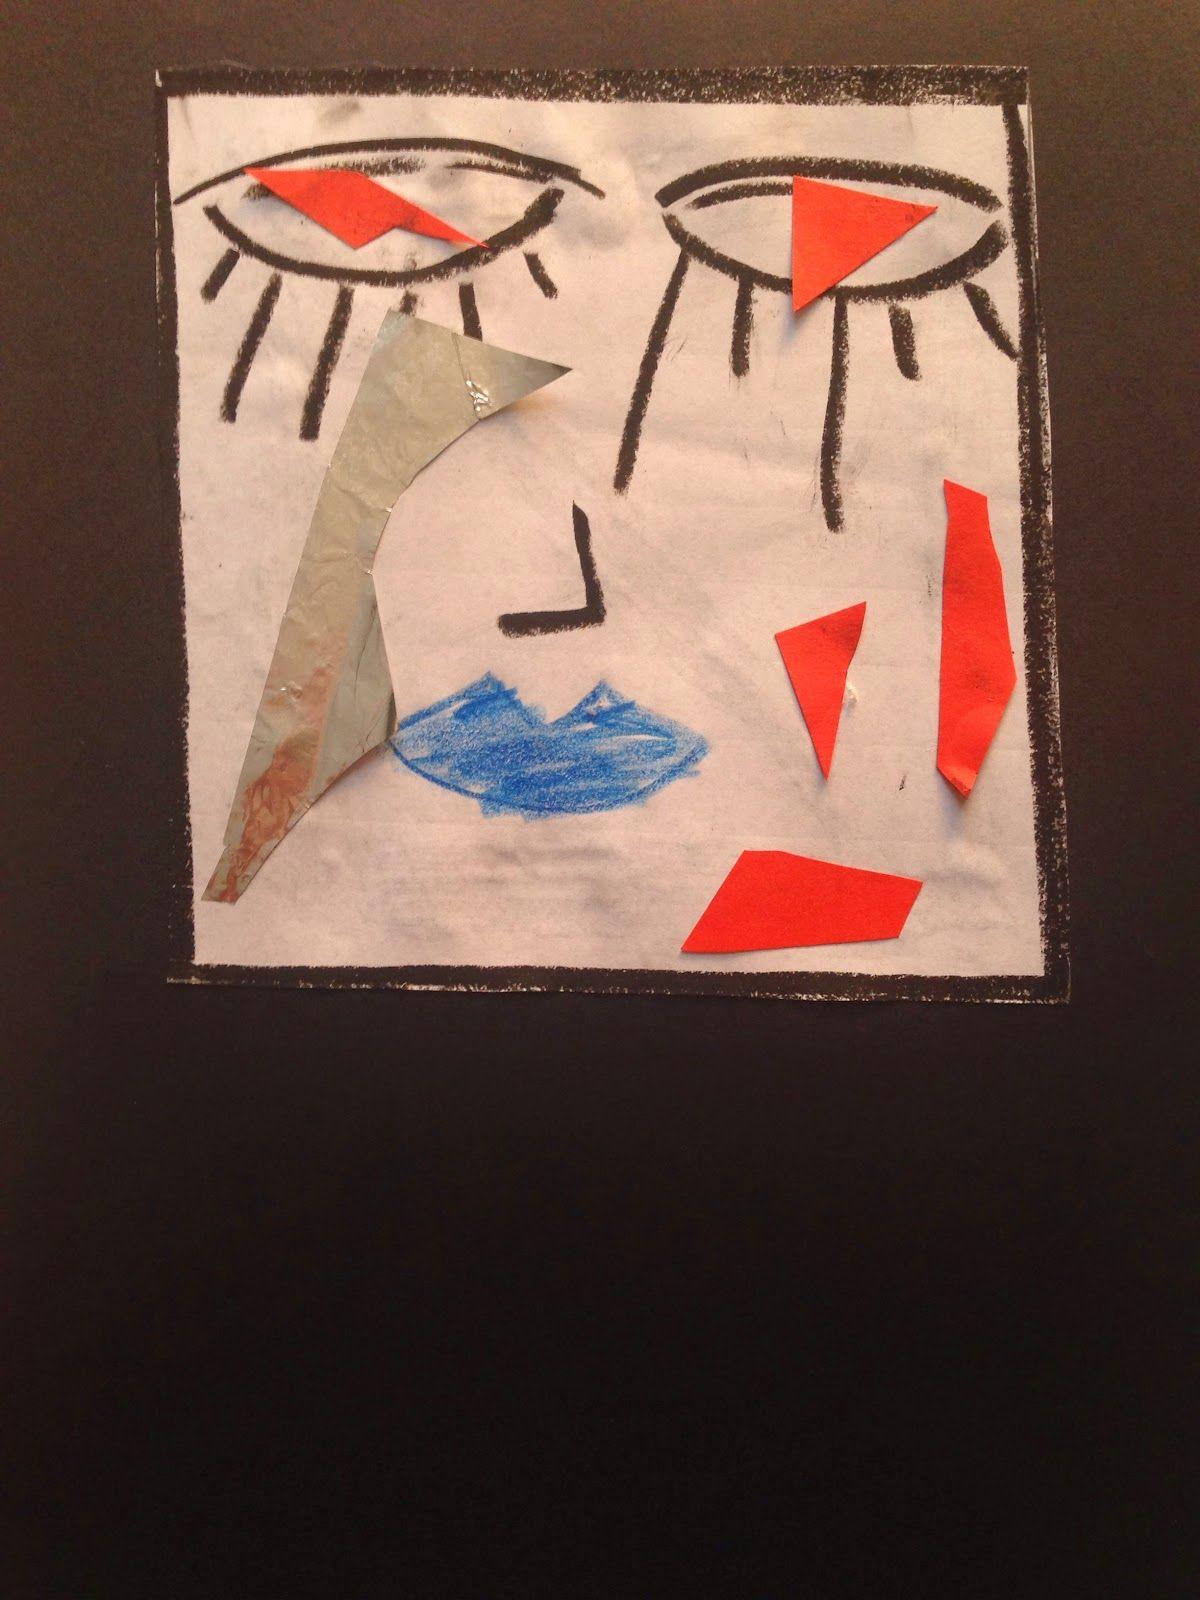 Piccoli Viaggi Musicali: La Cenerentola (7) - Libro d'artista e il duetto d...